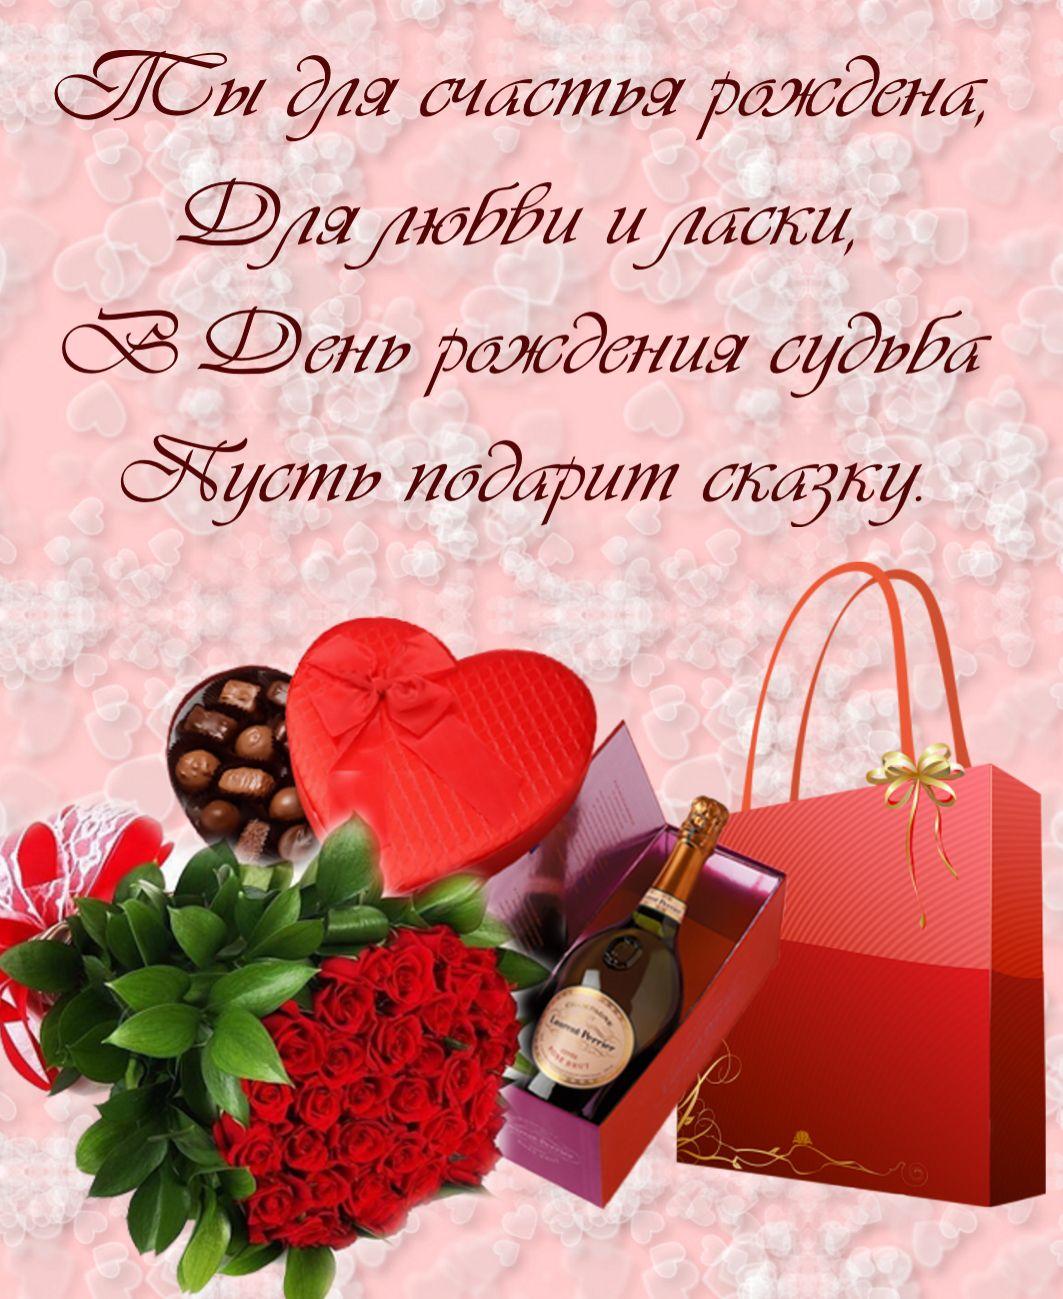 Открытка - пожелание и подарки на День рождения